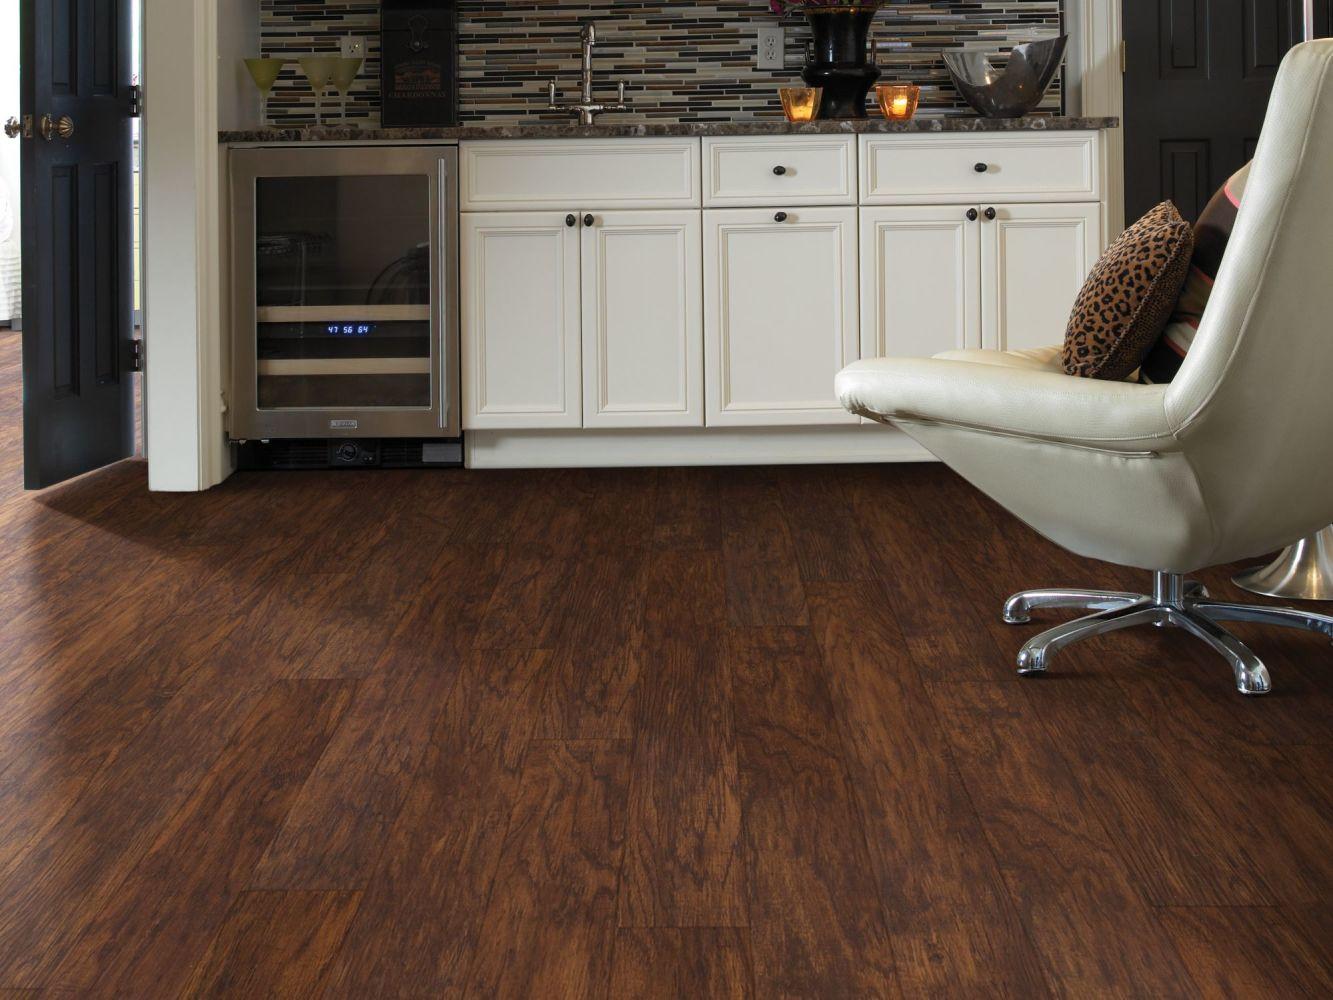 Shaw Floors Vinyl Residential Soho Rosso 00710_0245V